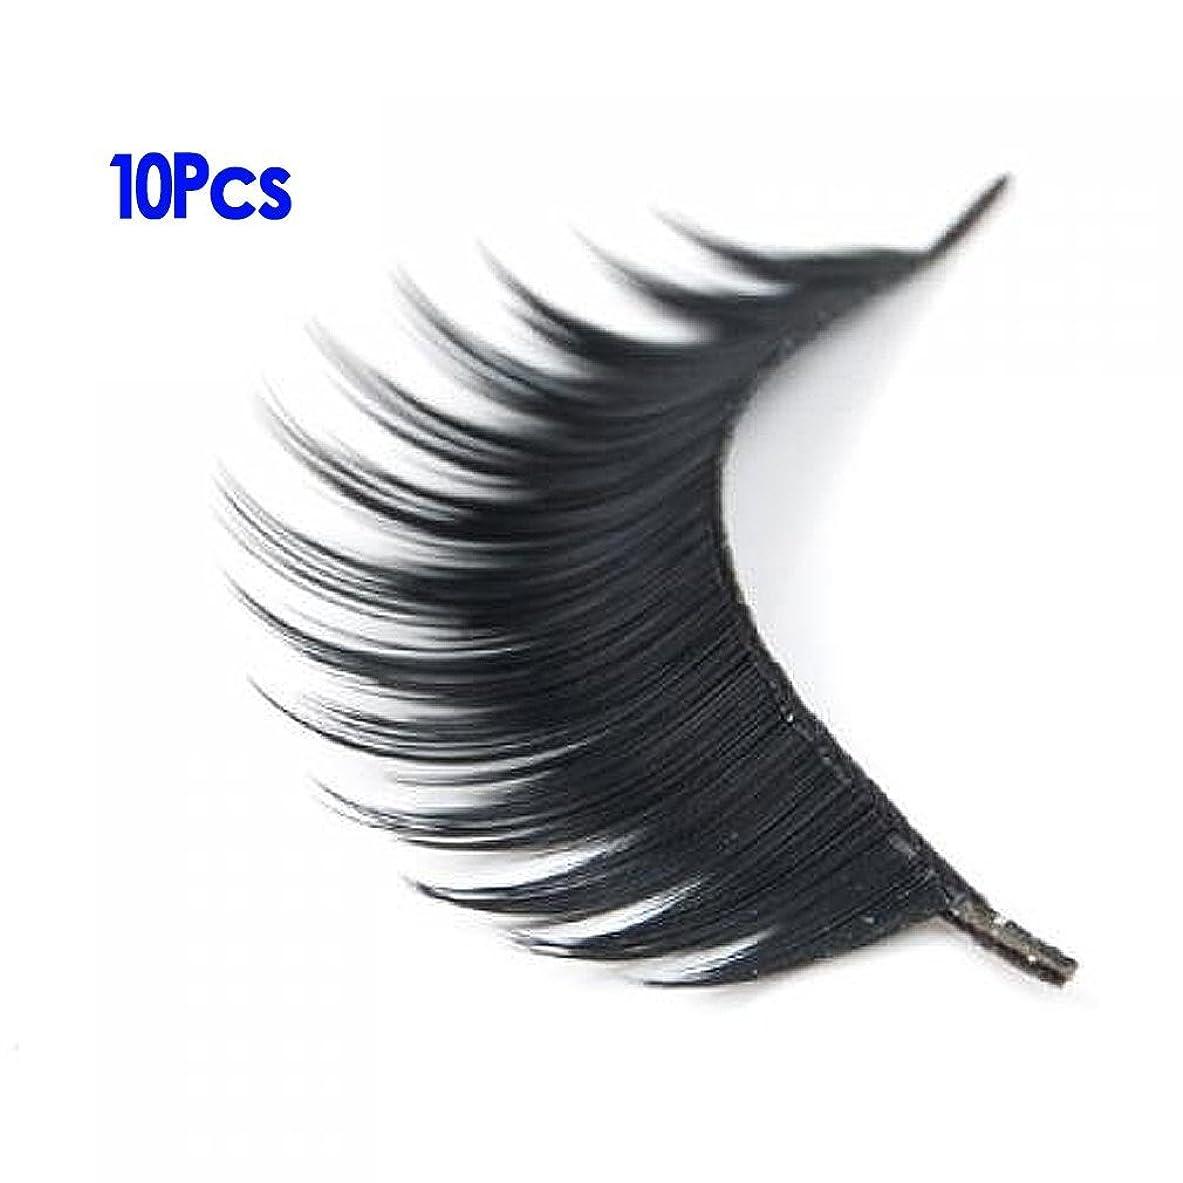 発生高潔な辞任する人工睫毛,SODIAL(R) 10ペアのロングの黒い人工睫毛